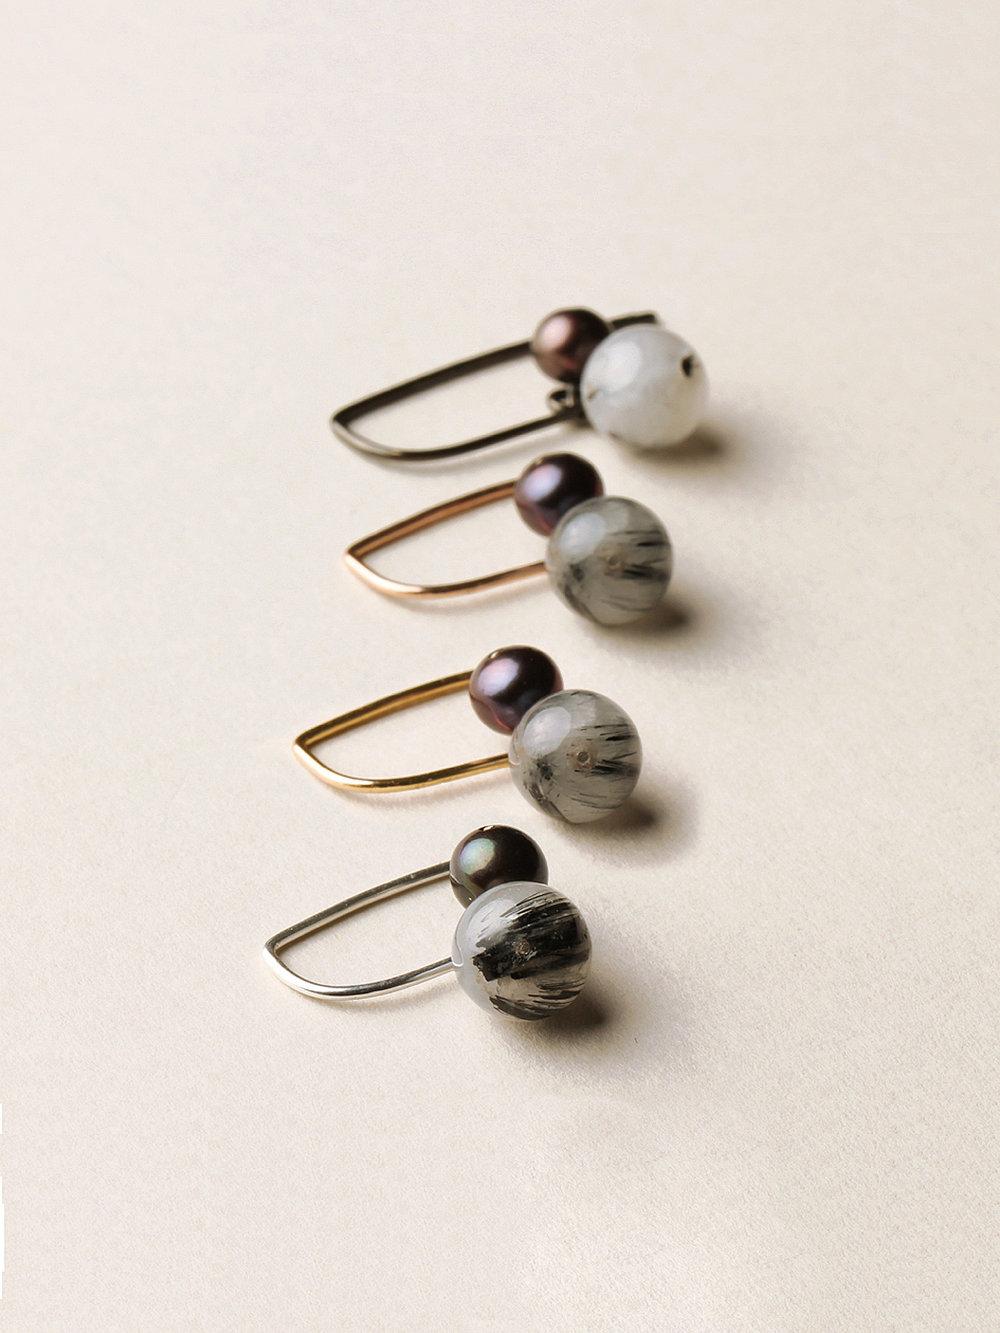 Perlen Ohrhänger, kurz in 4 Silber/ Rosegold/ Gelbgold/ schwarzrutheniertem Silber, echten Süßwasserzuchtperlen und Rutilquarzperlen